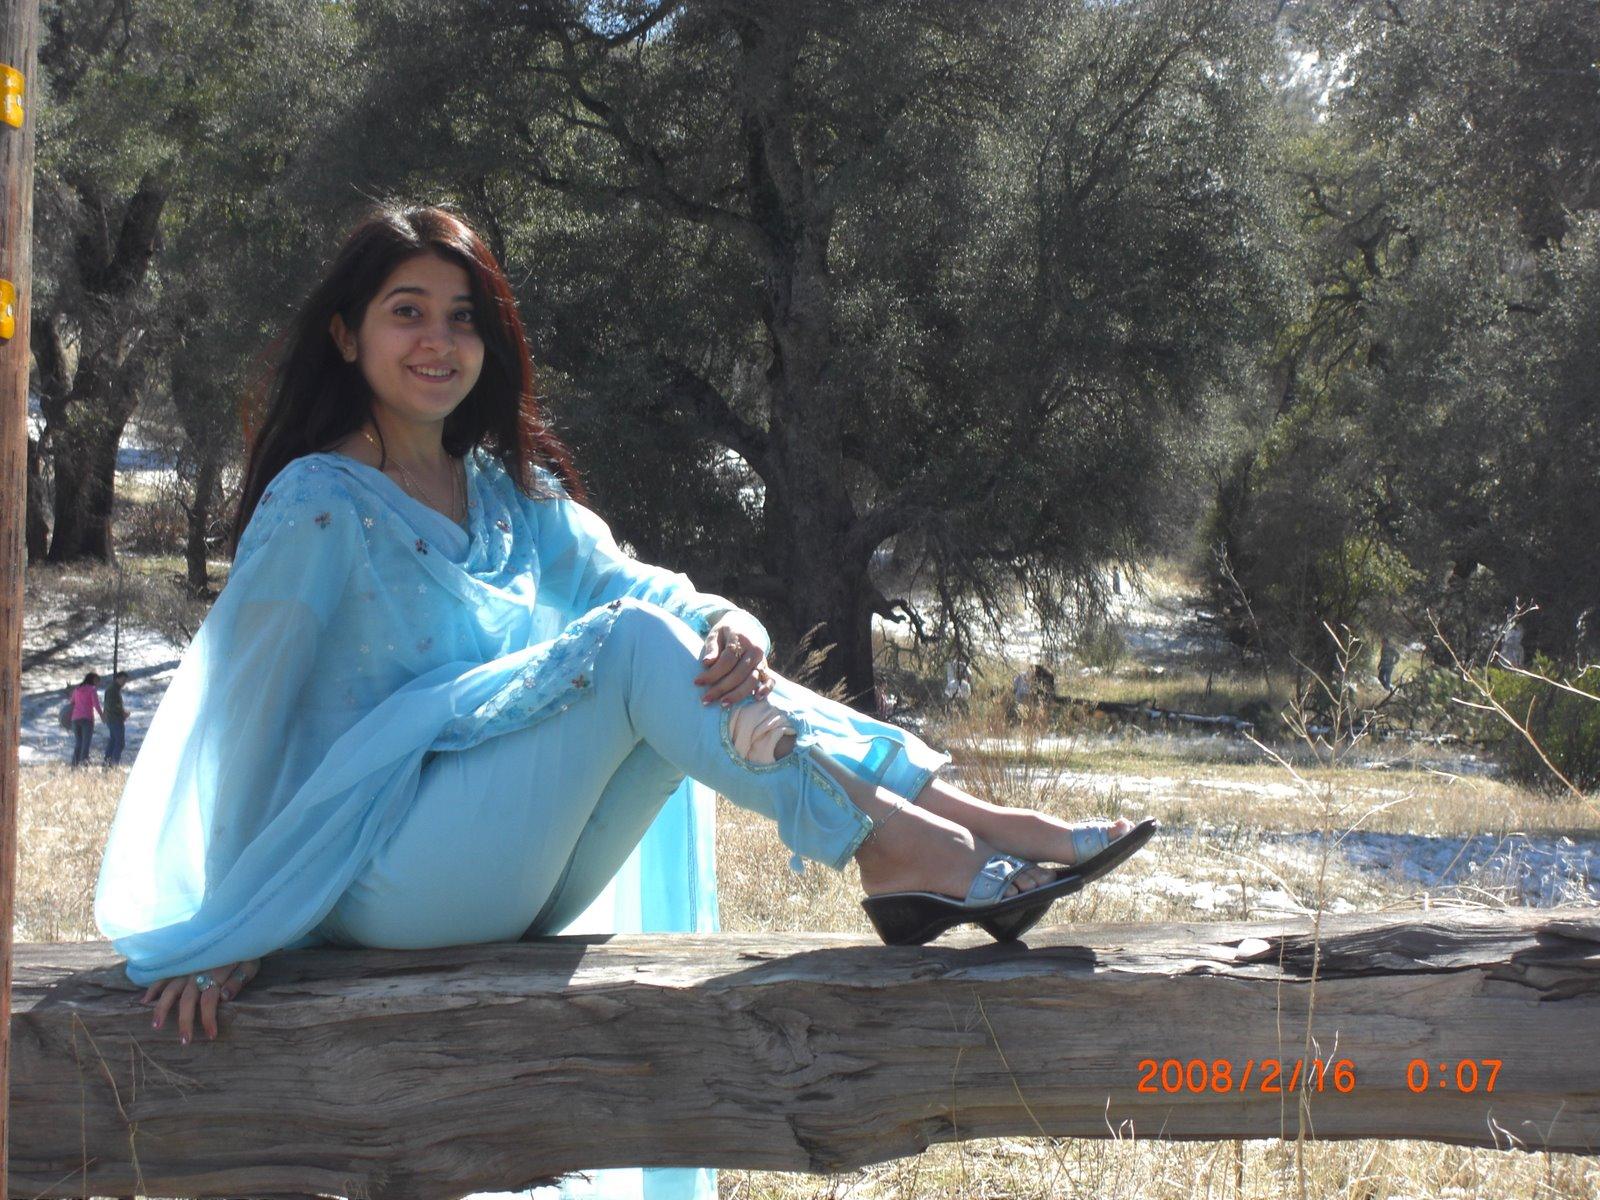 http://3.bp.blogspot.com/-ws2SKhXSV-I/TgOn2TUxAYI/AAAAAAAAAdY/U2DqmoCMZwU/s1600/Pakistani%2BGirls%2BWallpapers-1.jpg